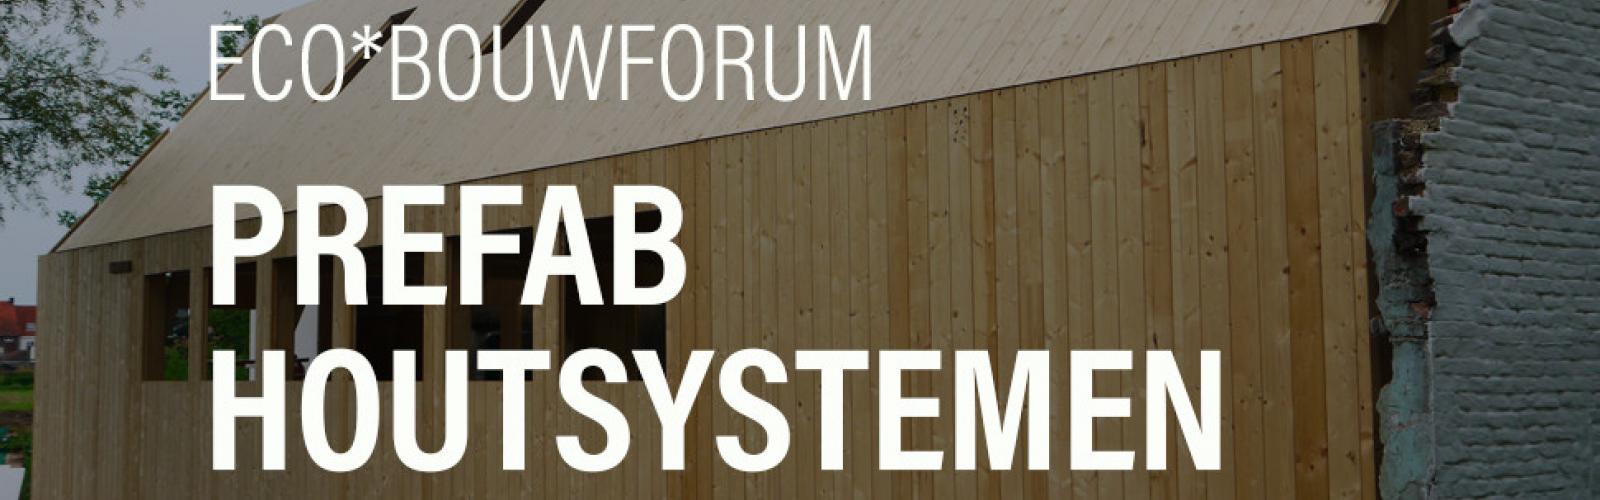 Eco Bouwforum VIBE